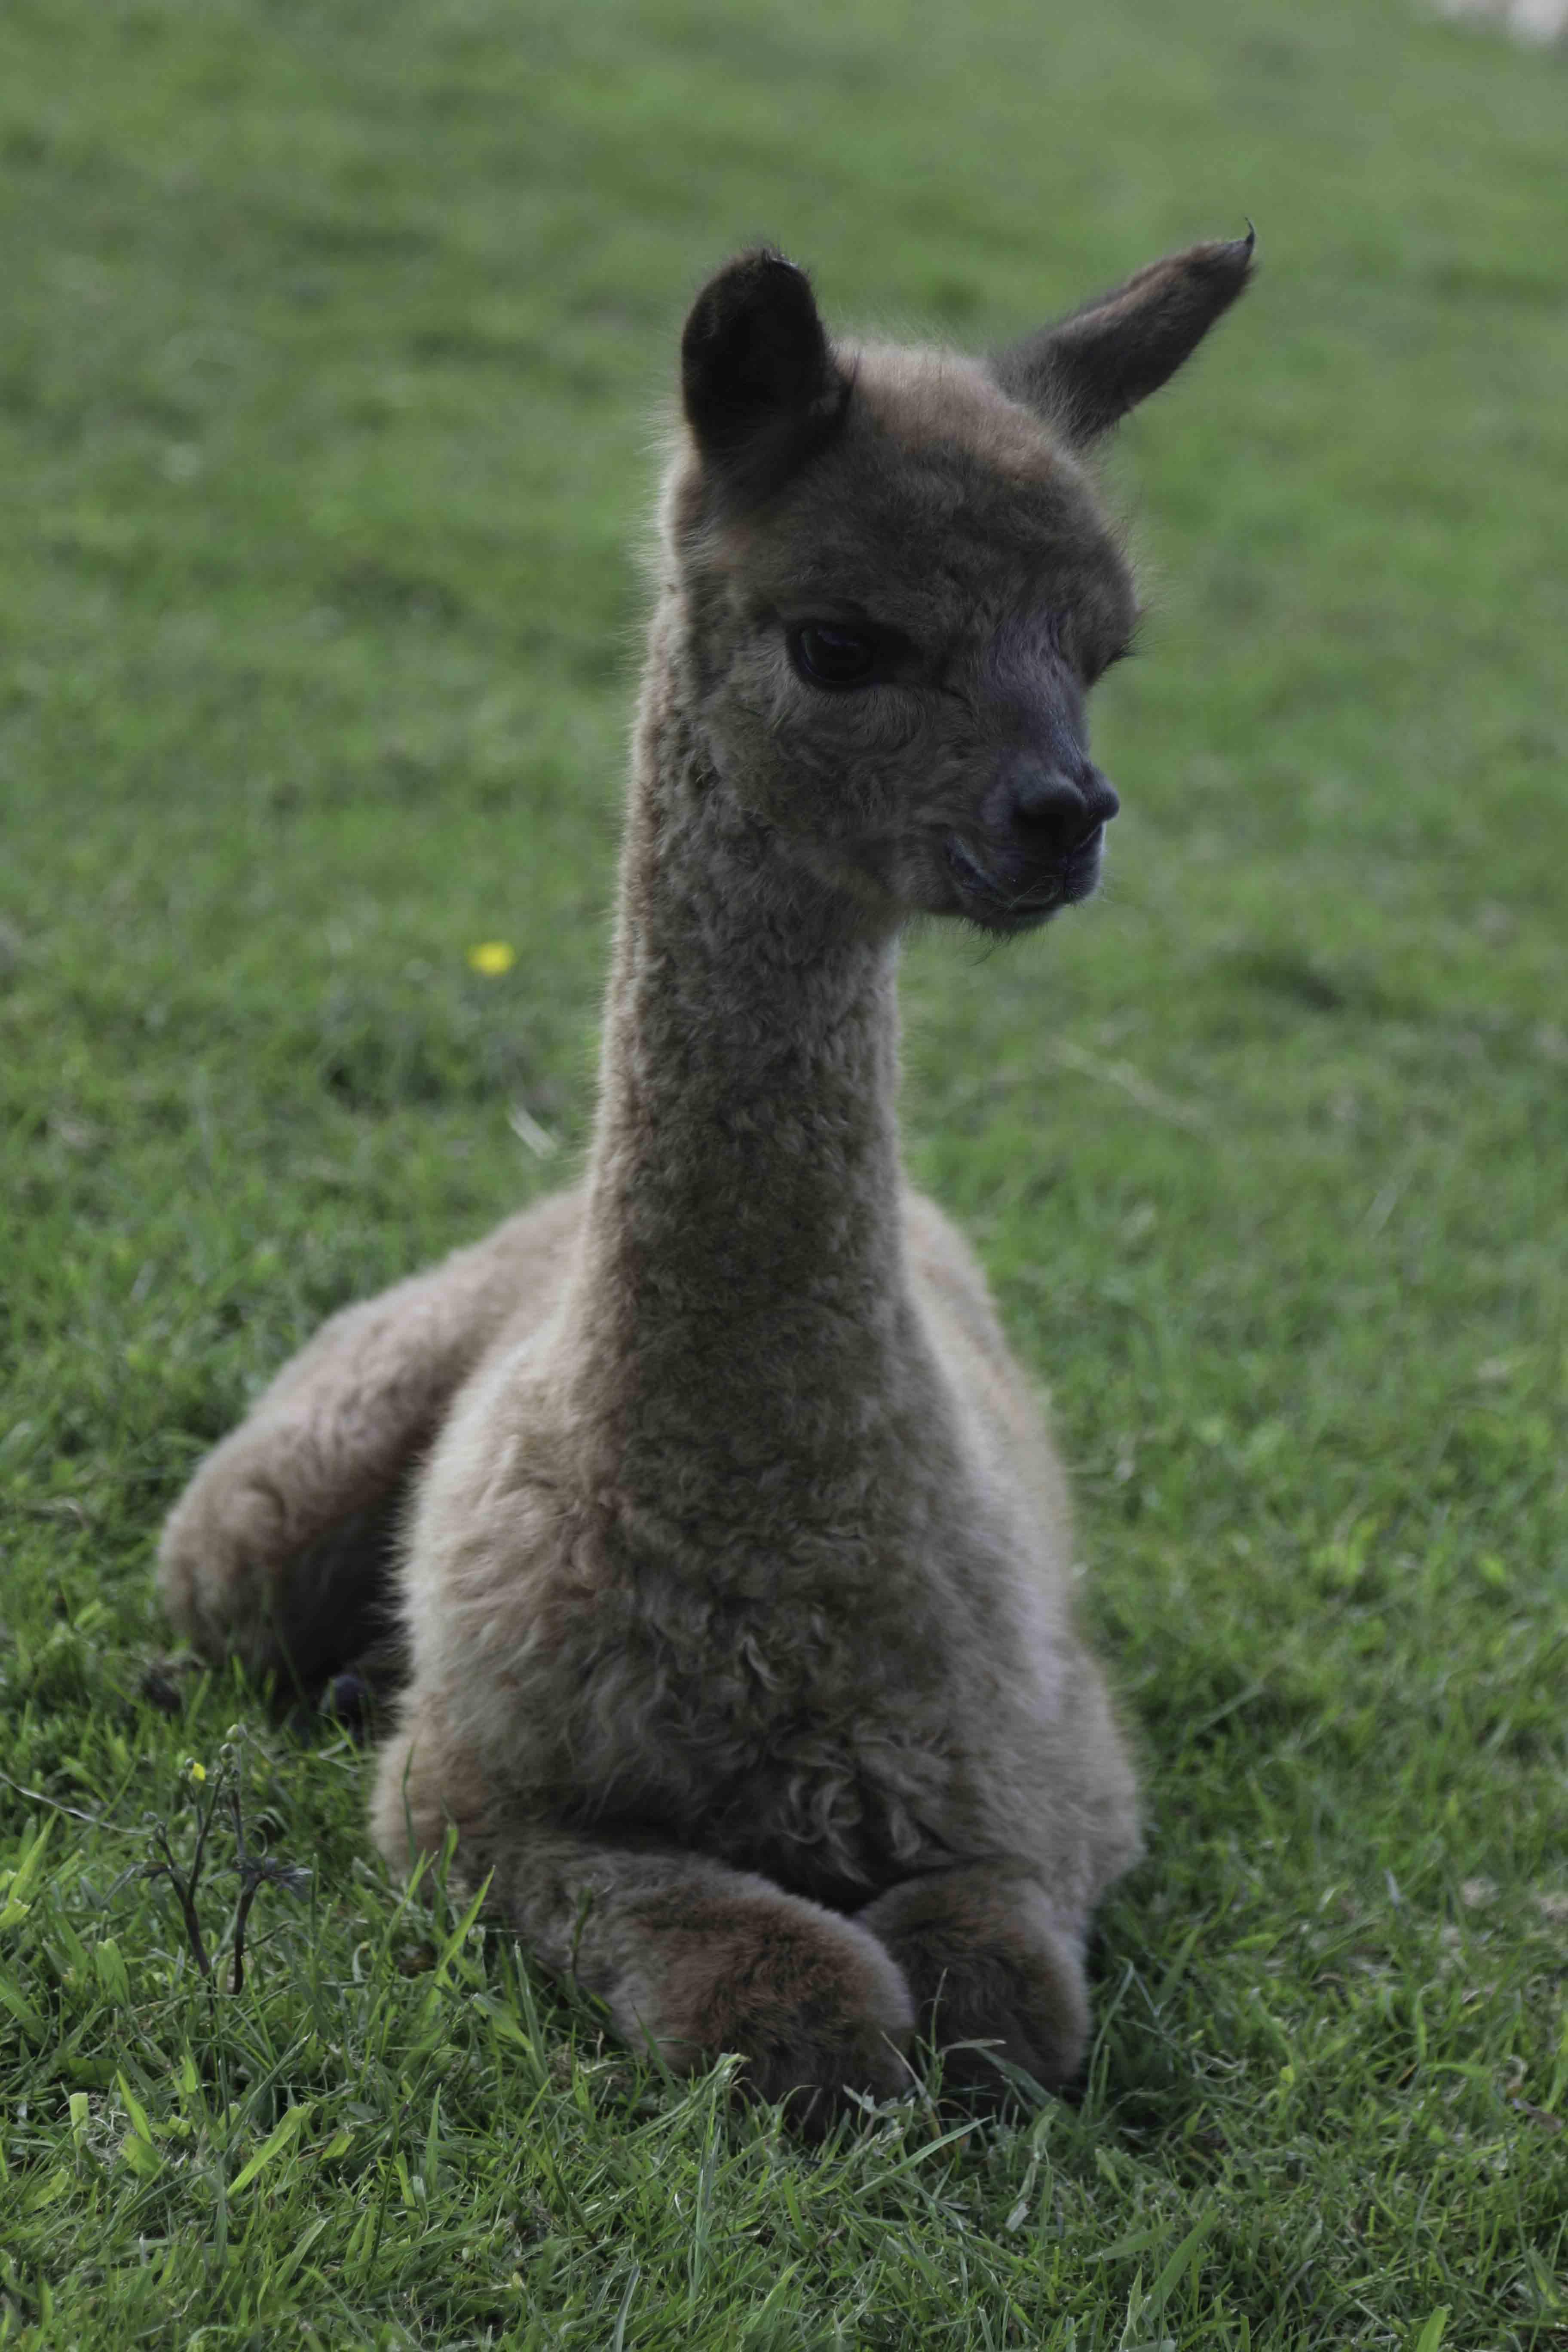 alpaca cria - class of 2015 expands